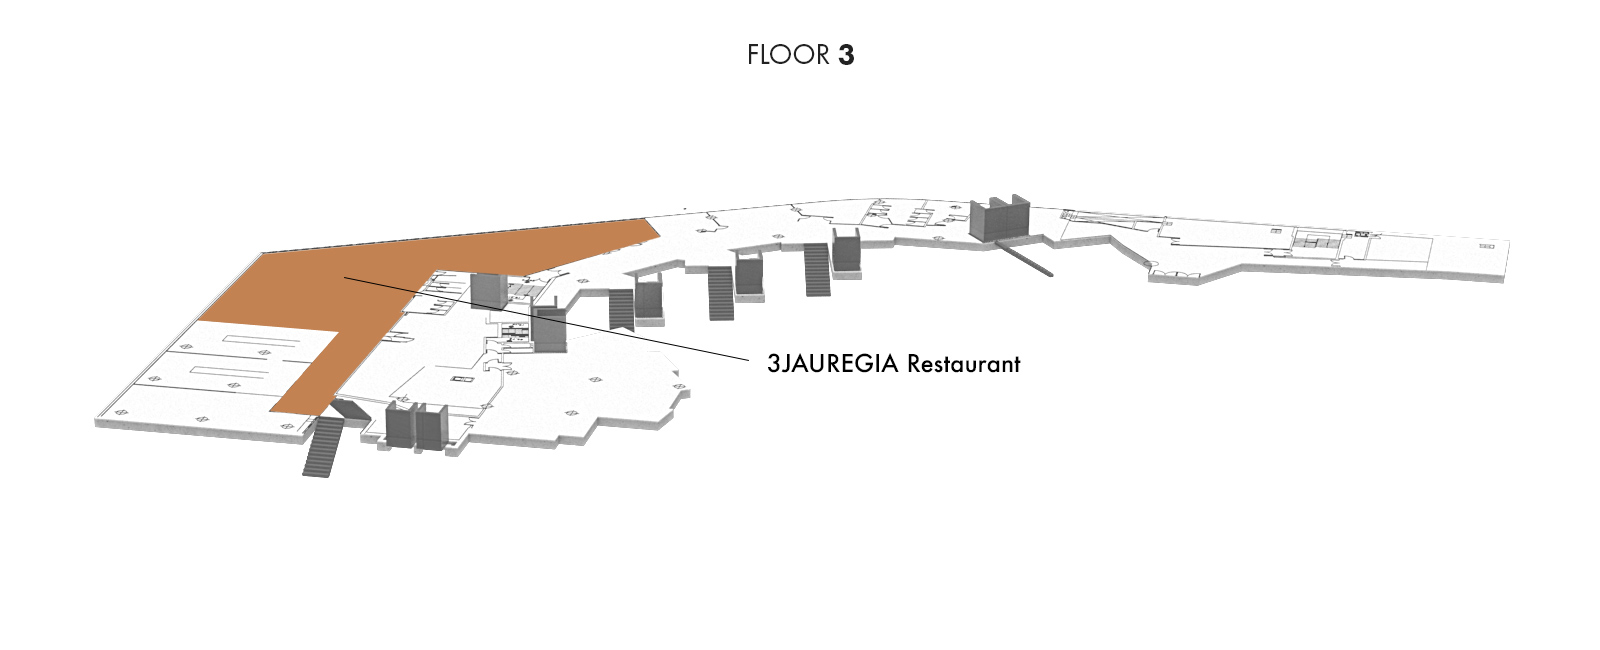 3JAUREGIA Restaurant, Floor 3 | Palacio Euskalduna Jauregia